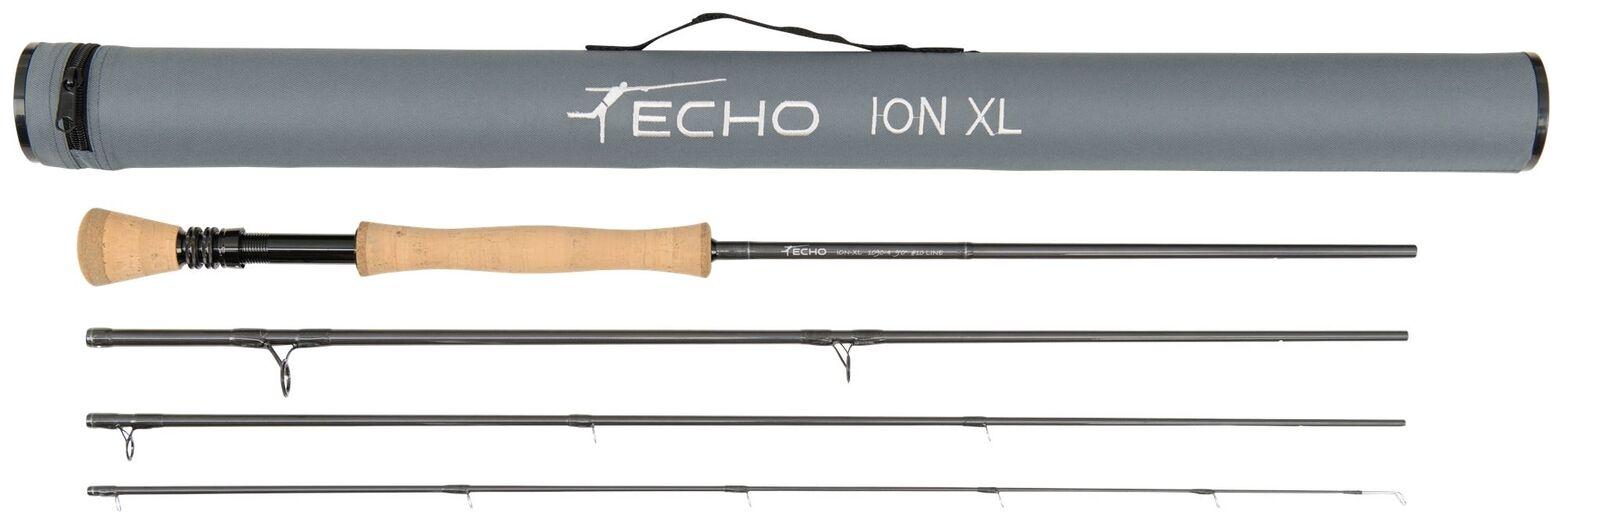 Echo Ion XL 5wt 10' 10' 10' 0  Caña Con Mosca-Garantía De Por Vida-Envío Gratis 4bdc3d